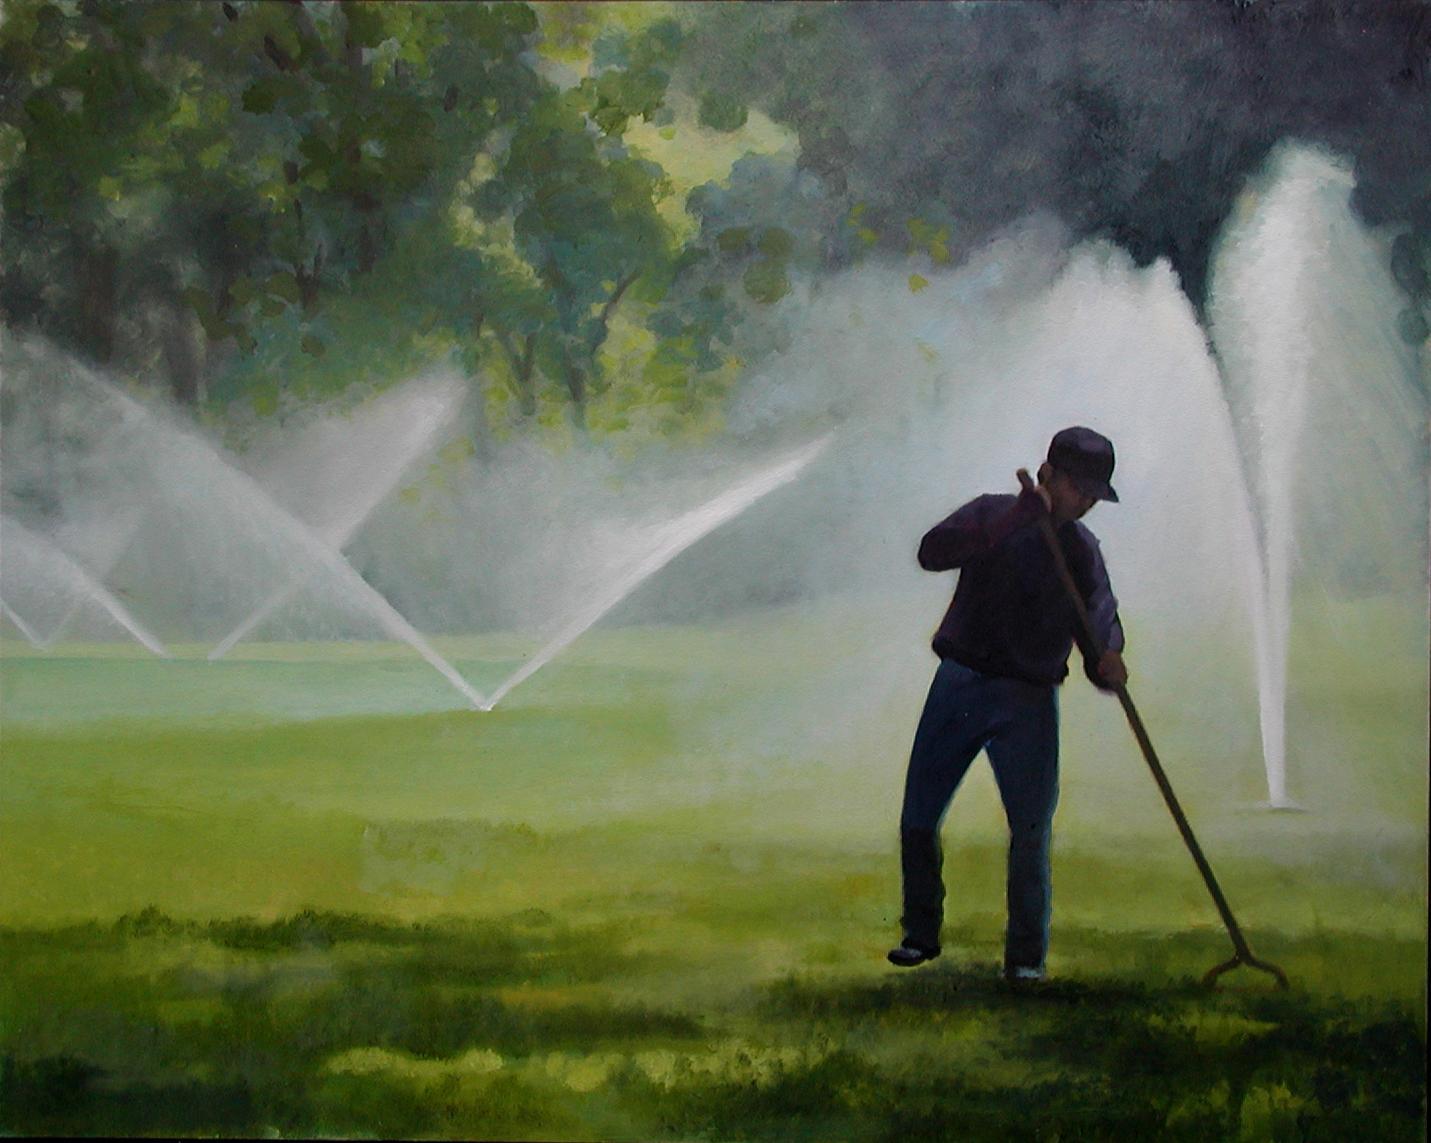 'The Gardener' - Nigel Van Wieck